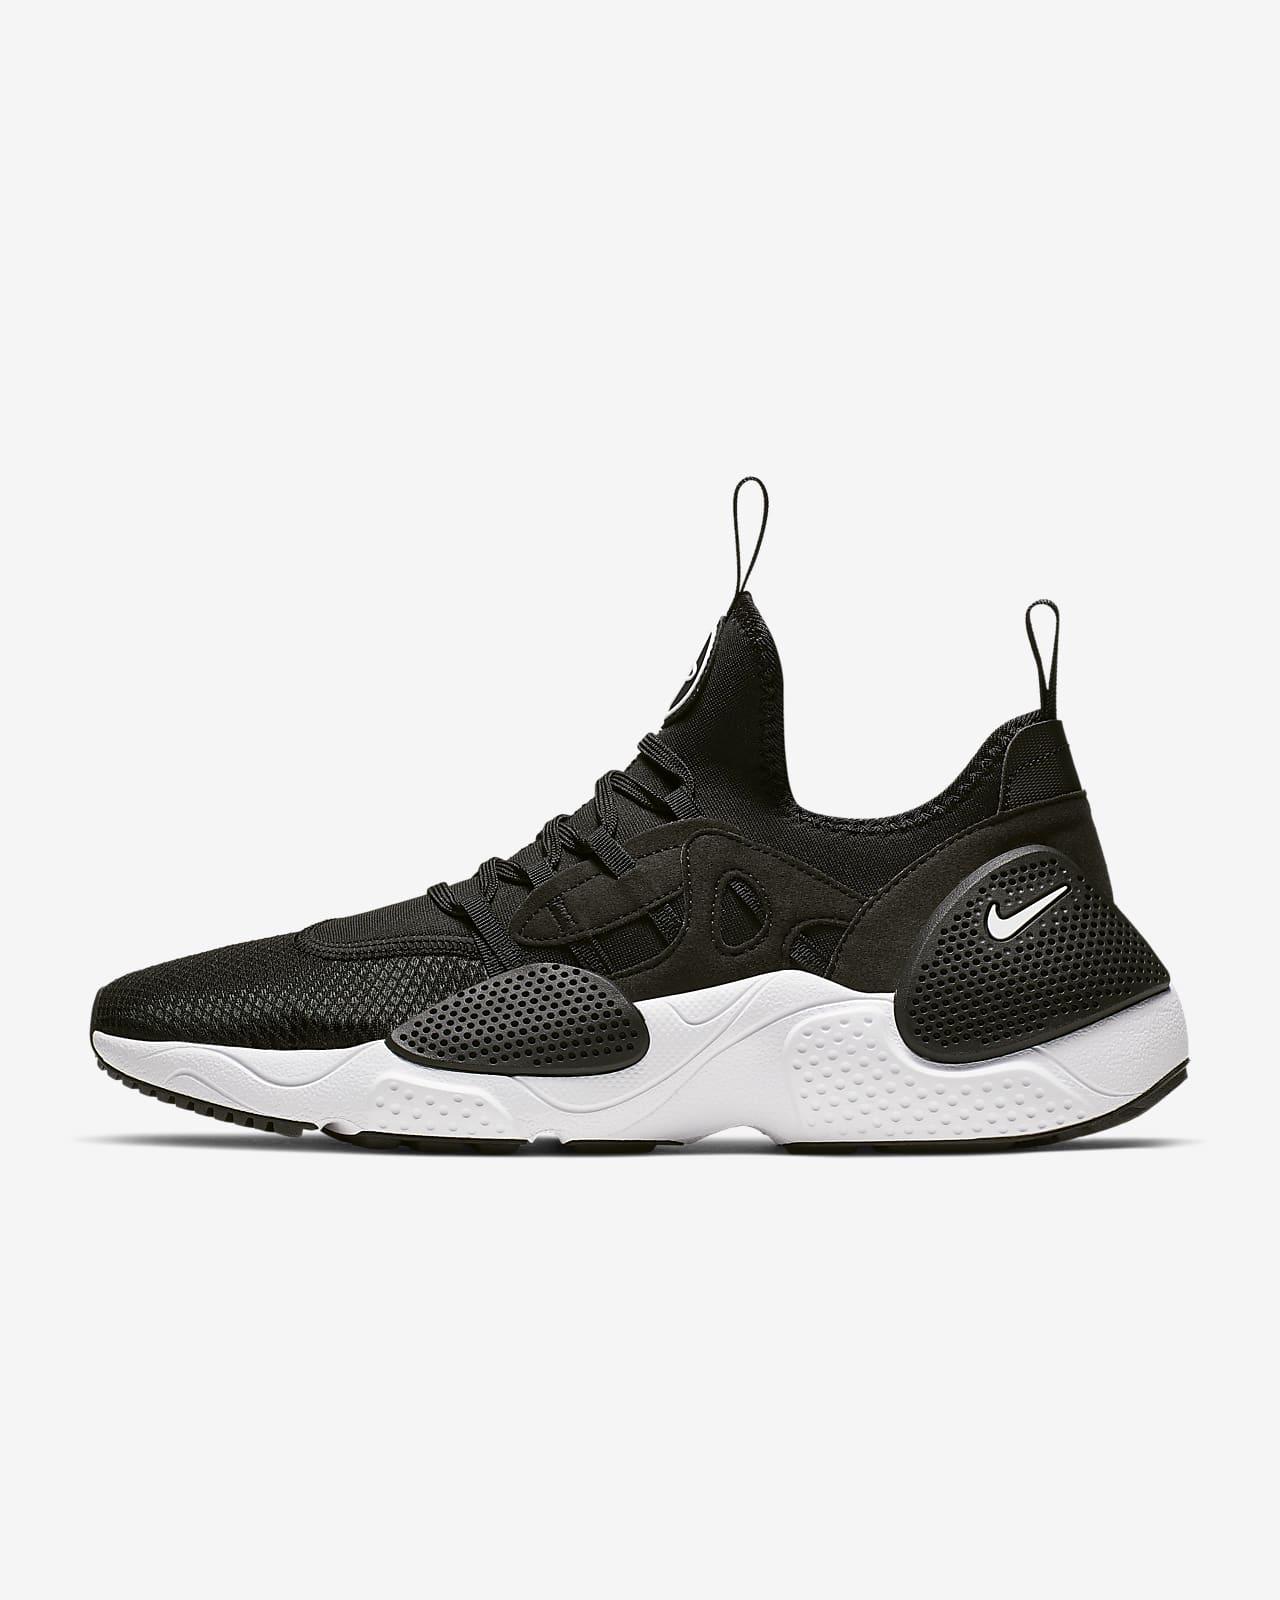 Nike Huarache E.D.G.E. TXT Men's Shoe